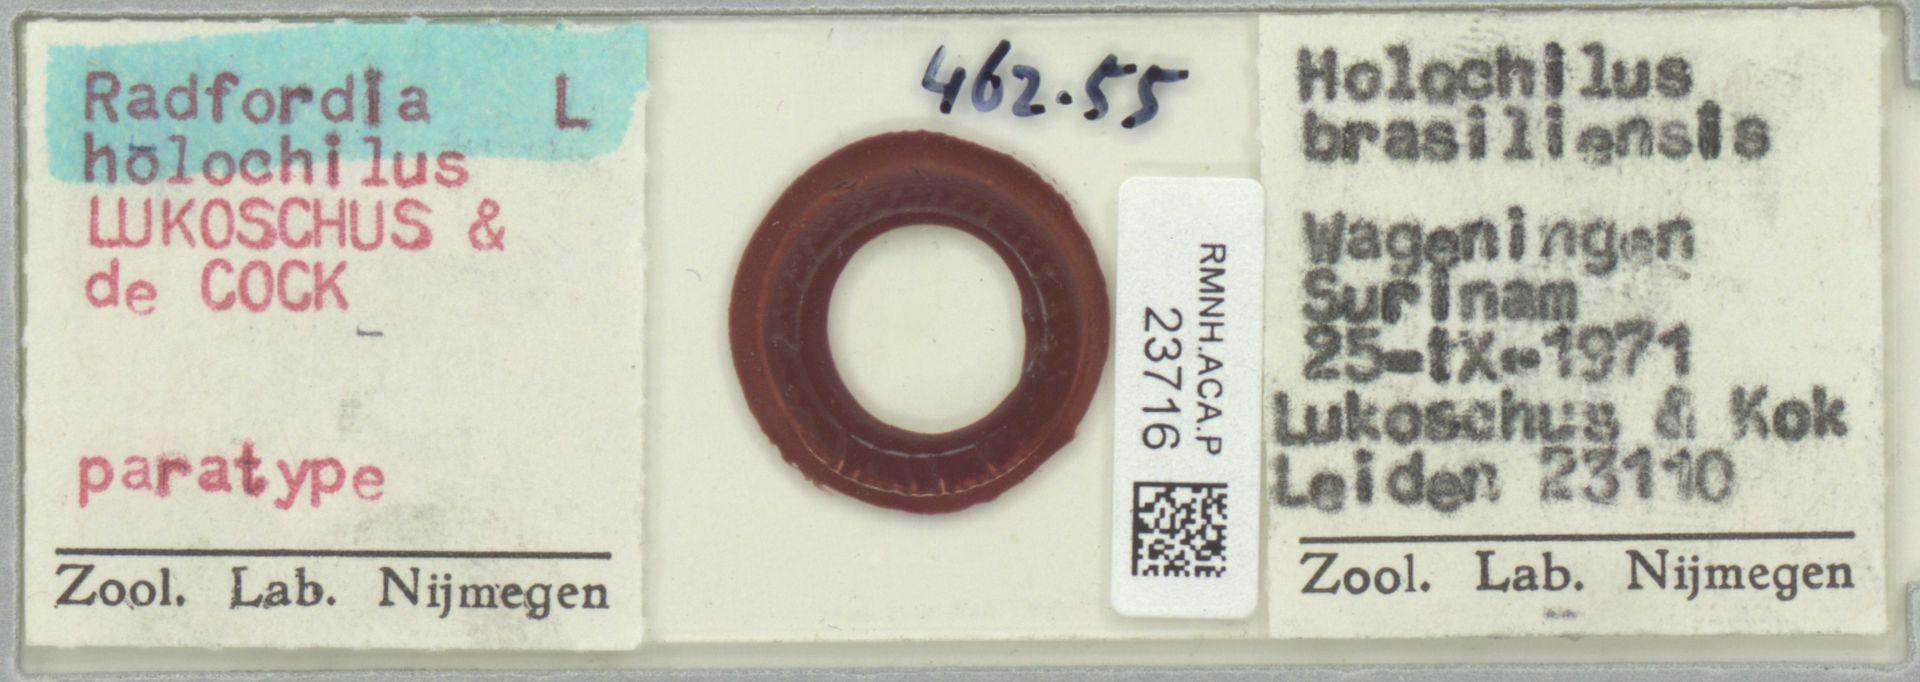 RMNH.ACA.P.23716 | Radfordia holochilus Lukoschus & de Cock